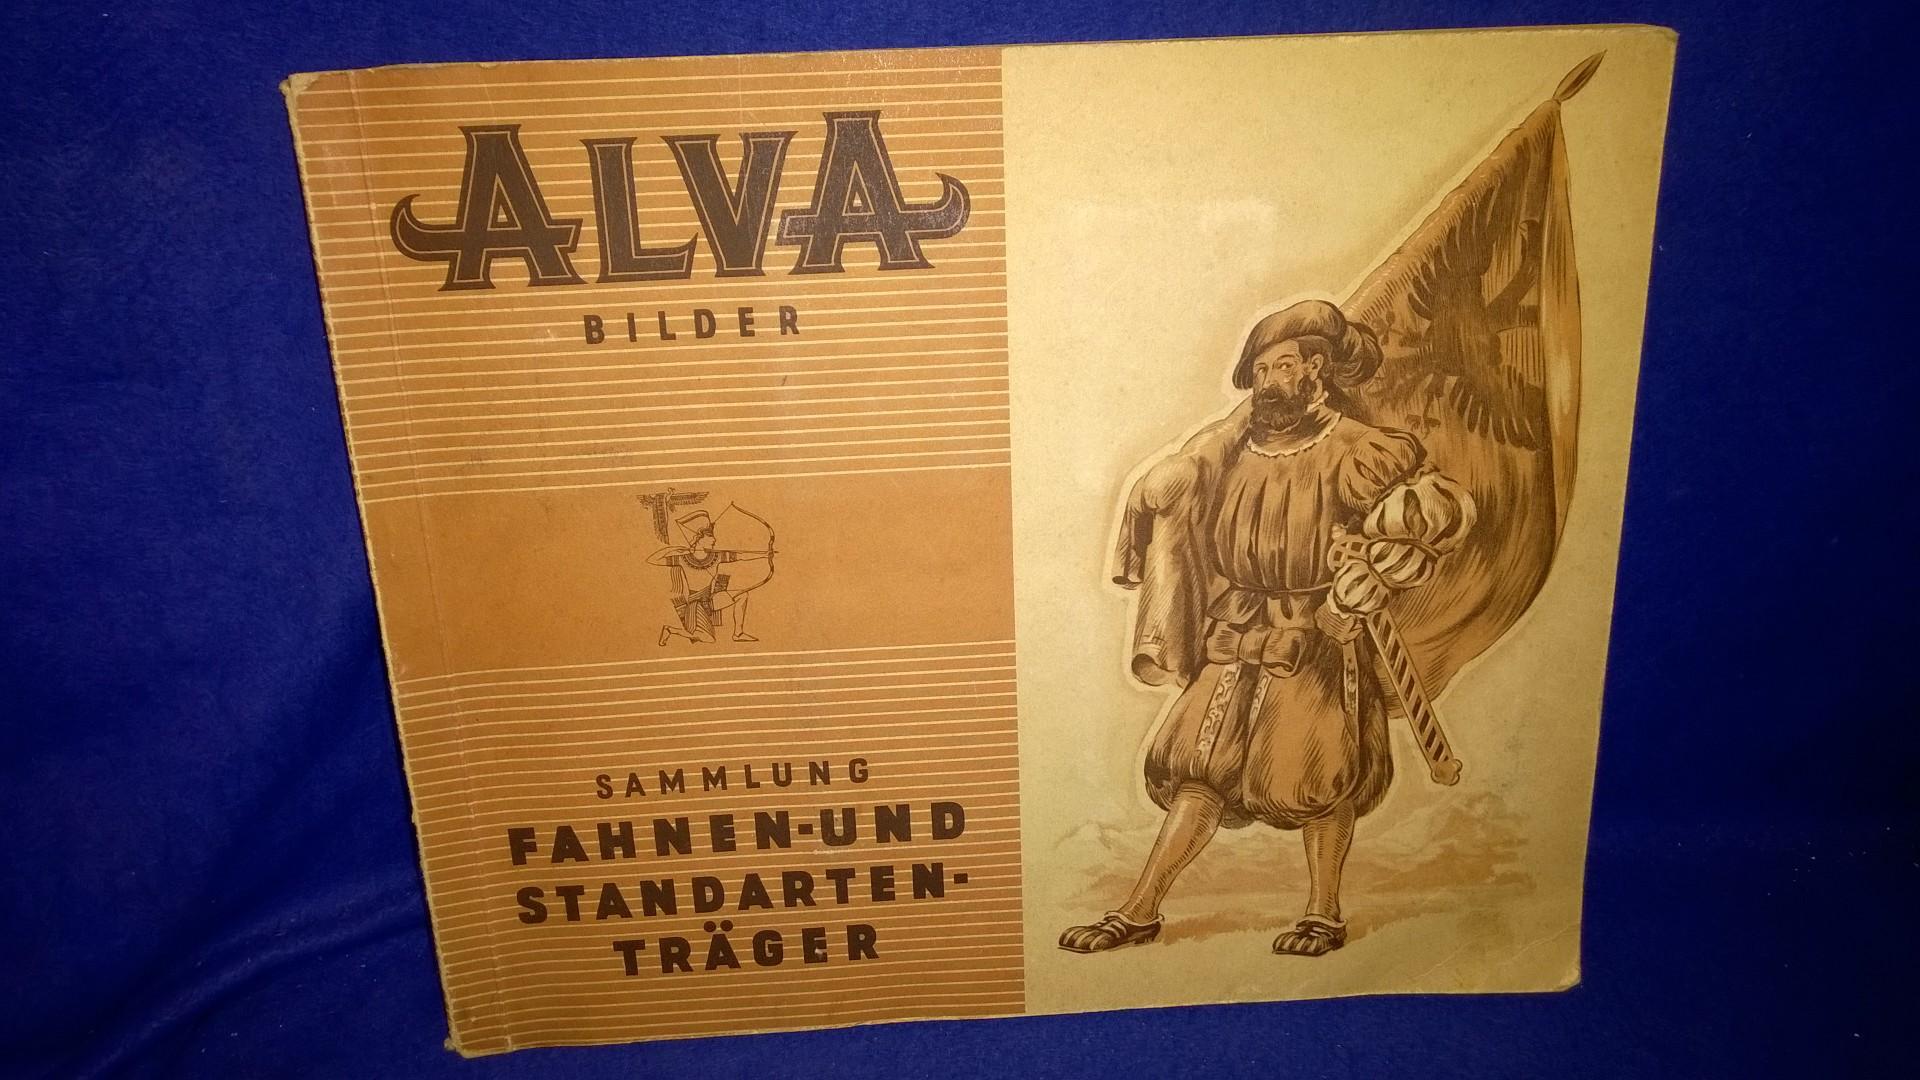 Alva Bilder. Fahnen- und Standarten-Träger. Album 1.